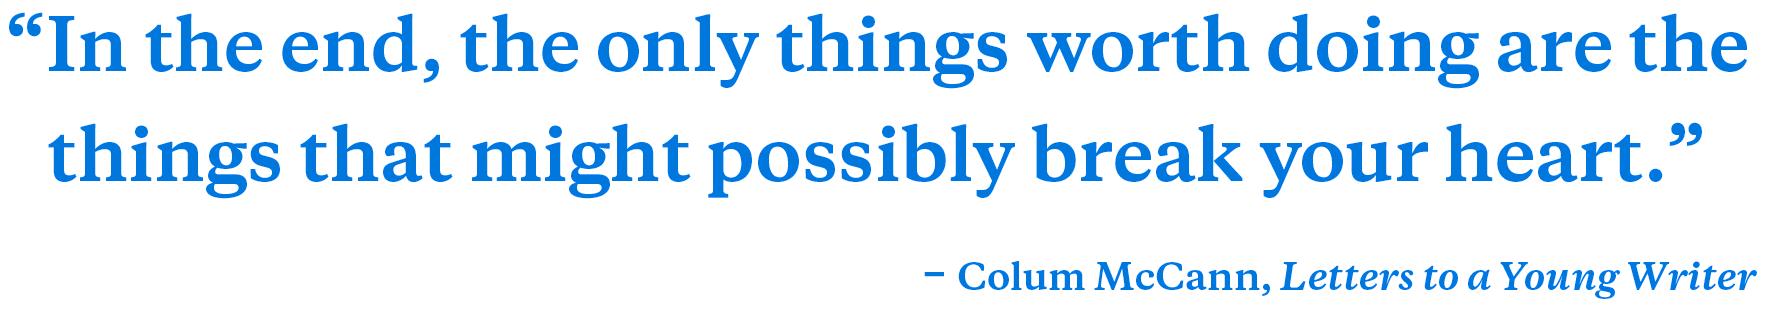 Colum quote 4